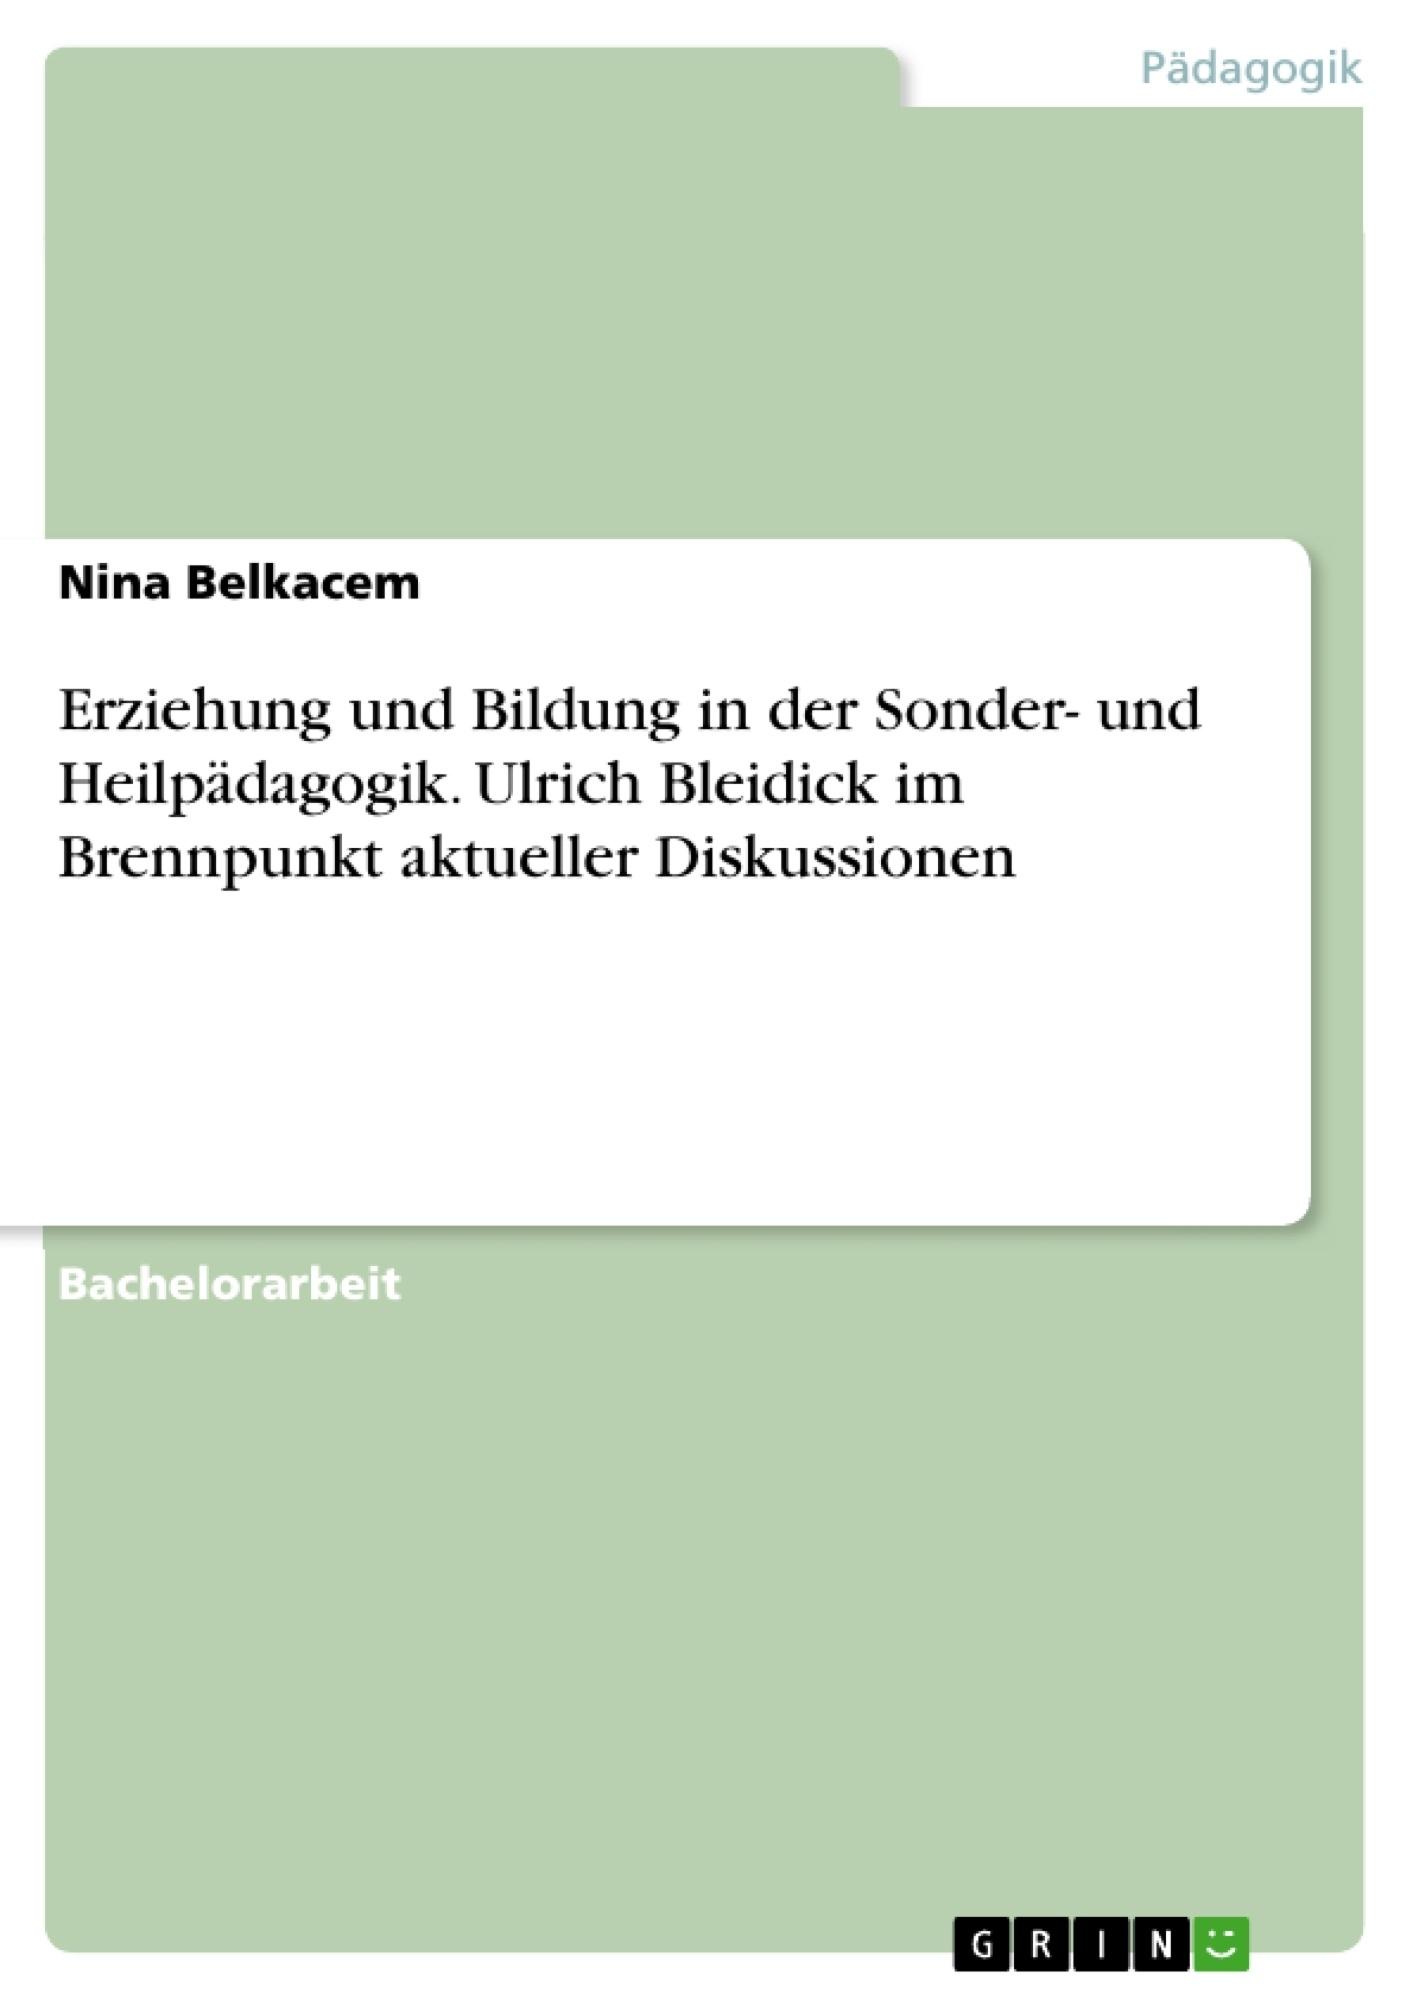 Titel: Erziehung und Bildung in der Sonder- und Heilpädagogik. Ulrich Bleidick im Brennpunkt aktueller Diskussionen